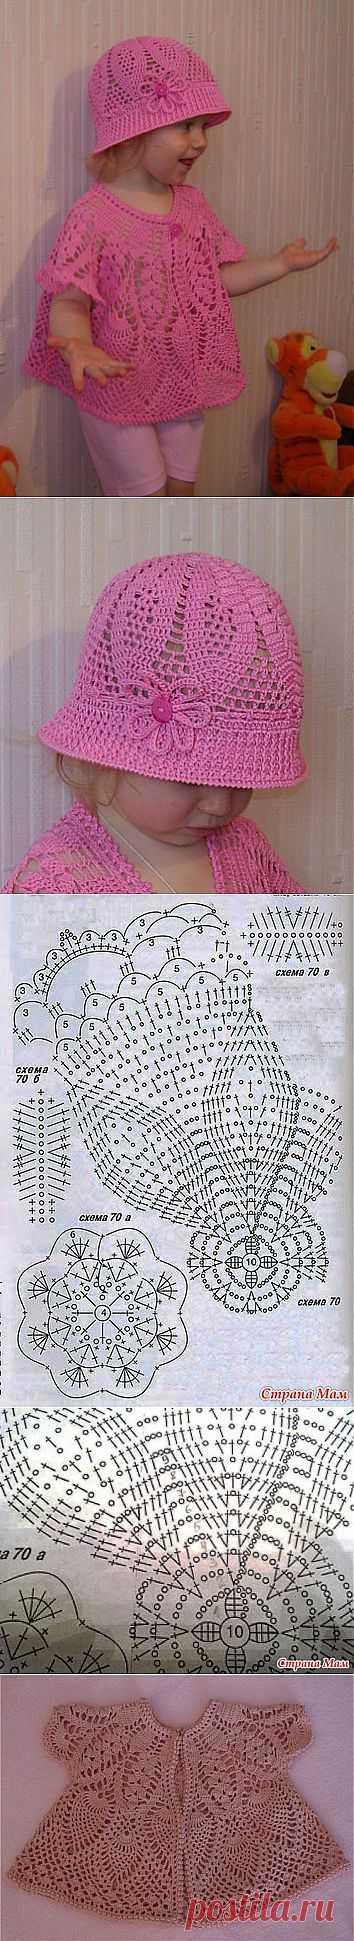 La cita rediska_Cat: el Sombrero de señora y el bolero (18:12 06-03-2014) [4919373\/316013014] - kuzminaaramat@mail.ru - los Correos Mail.Ru